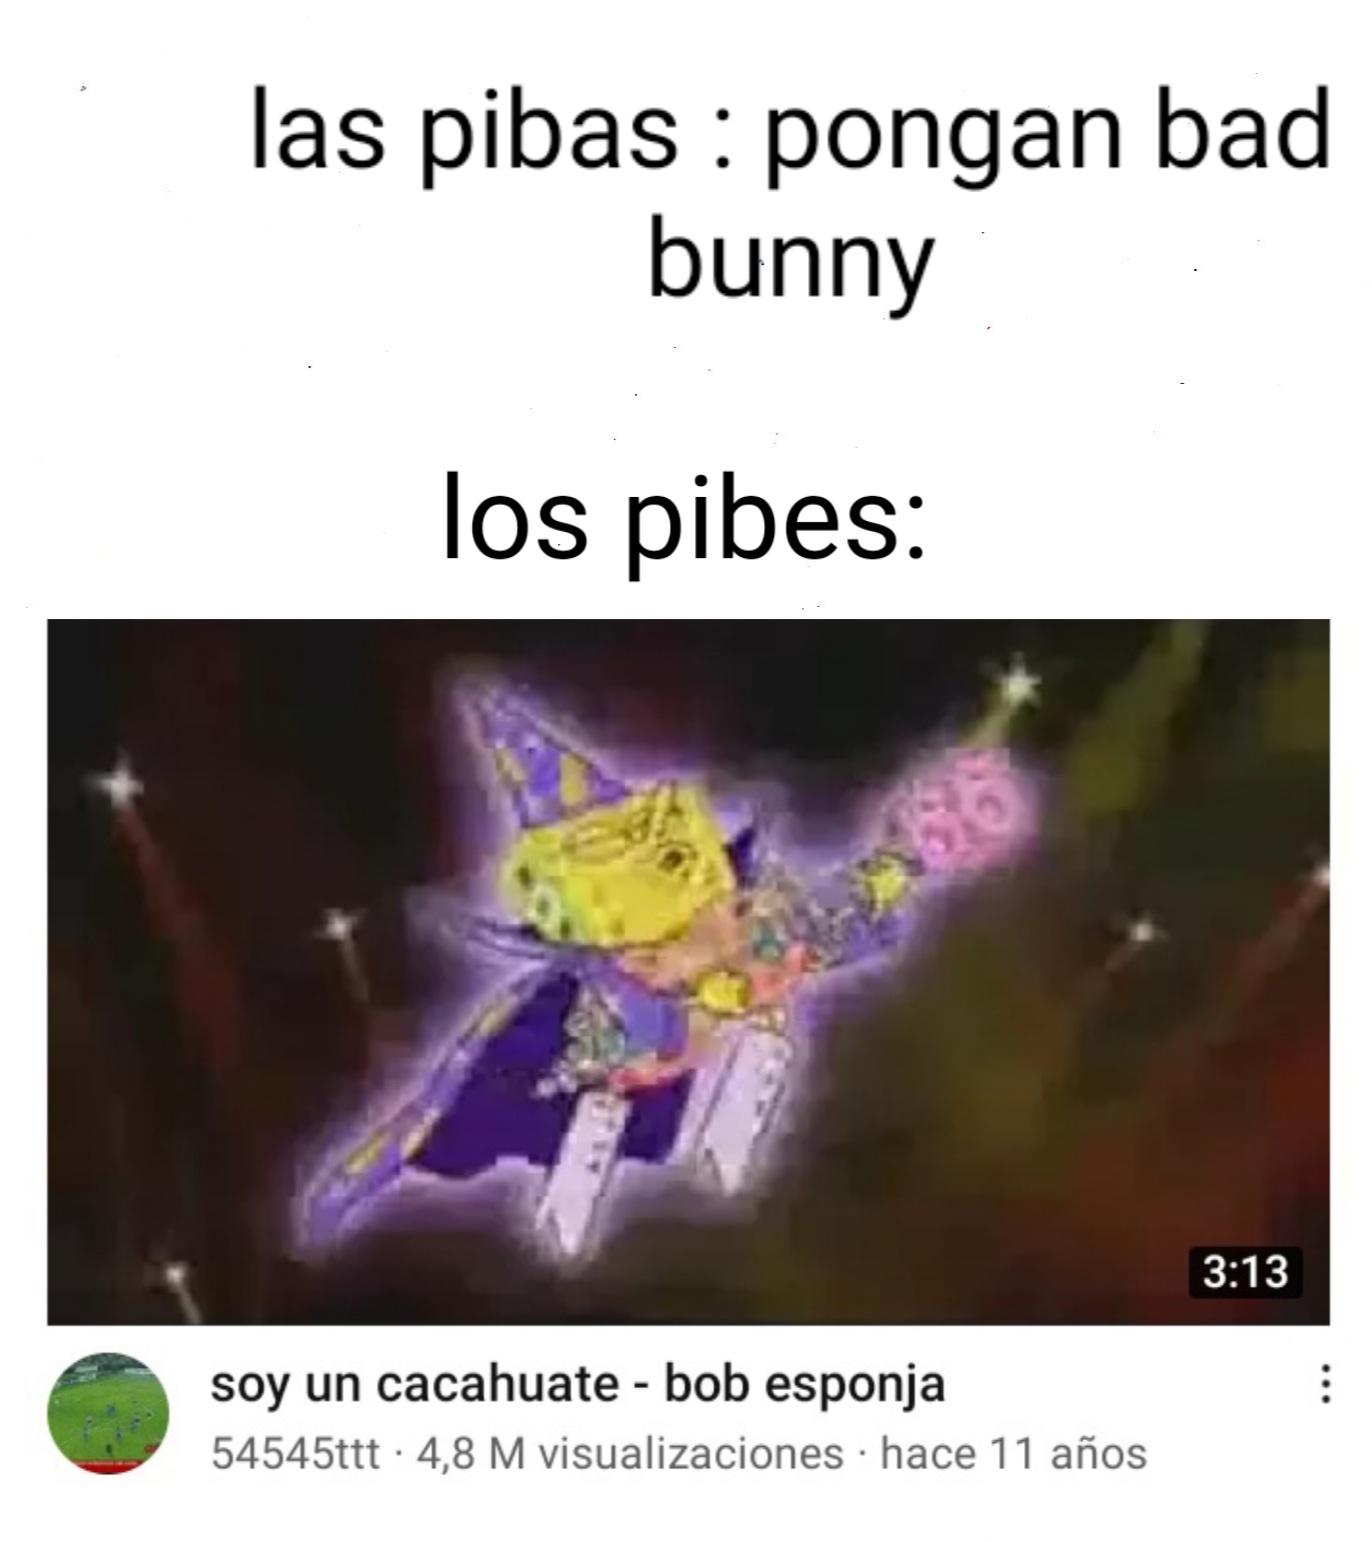 SOY UN CACAHUATE - meme